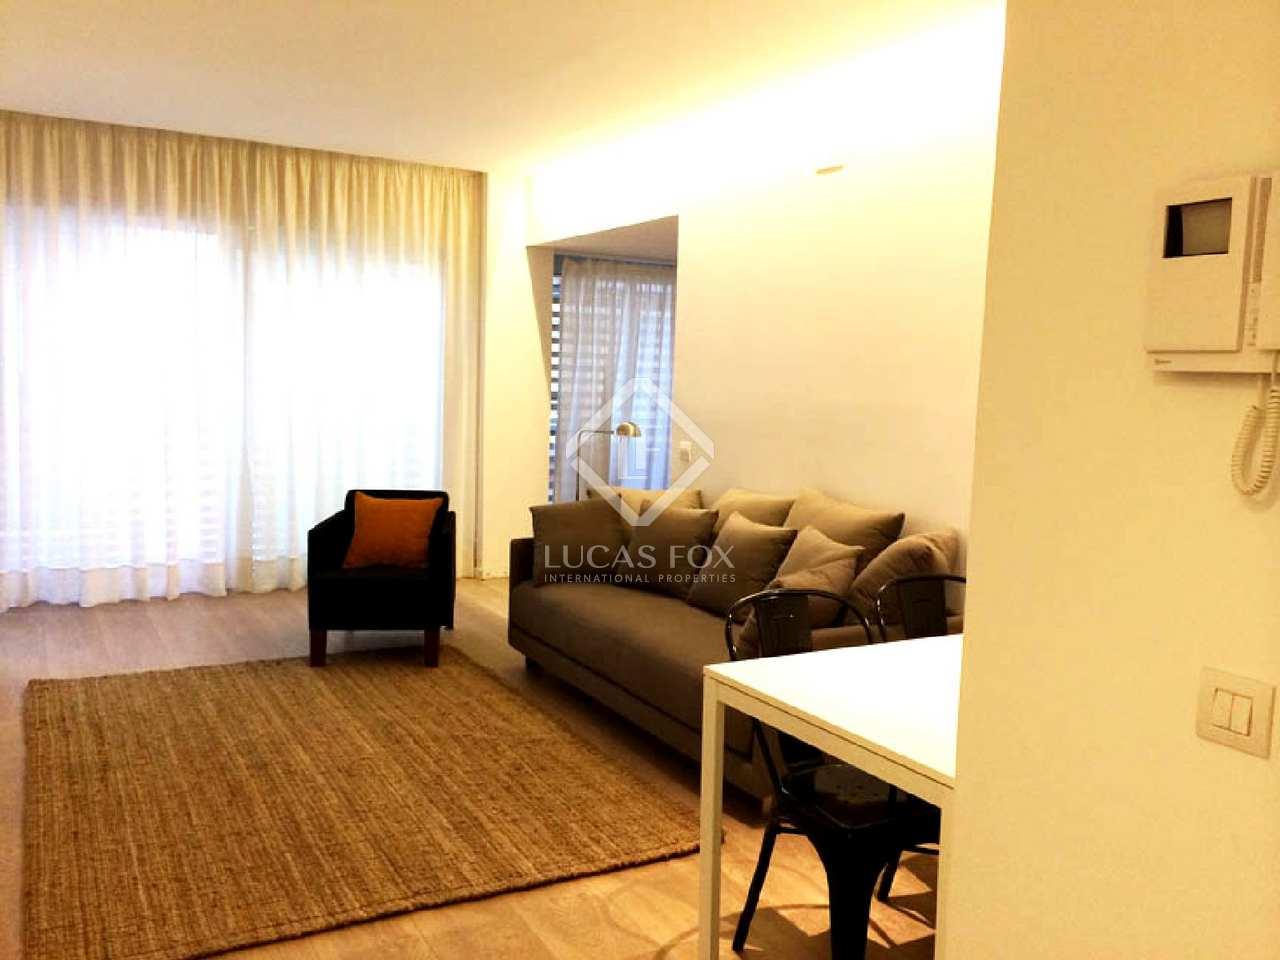 Piso en alquiler en el eixample de barcelona - Alquiler pisos barcelona eixample ...